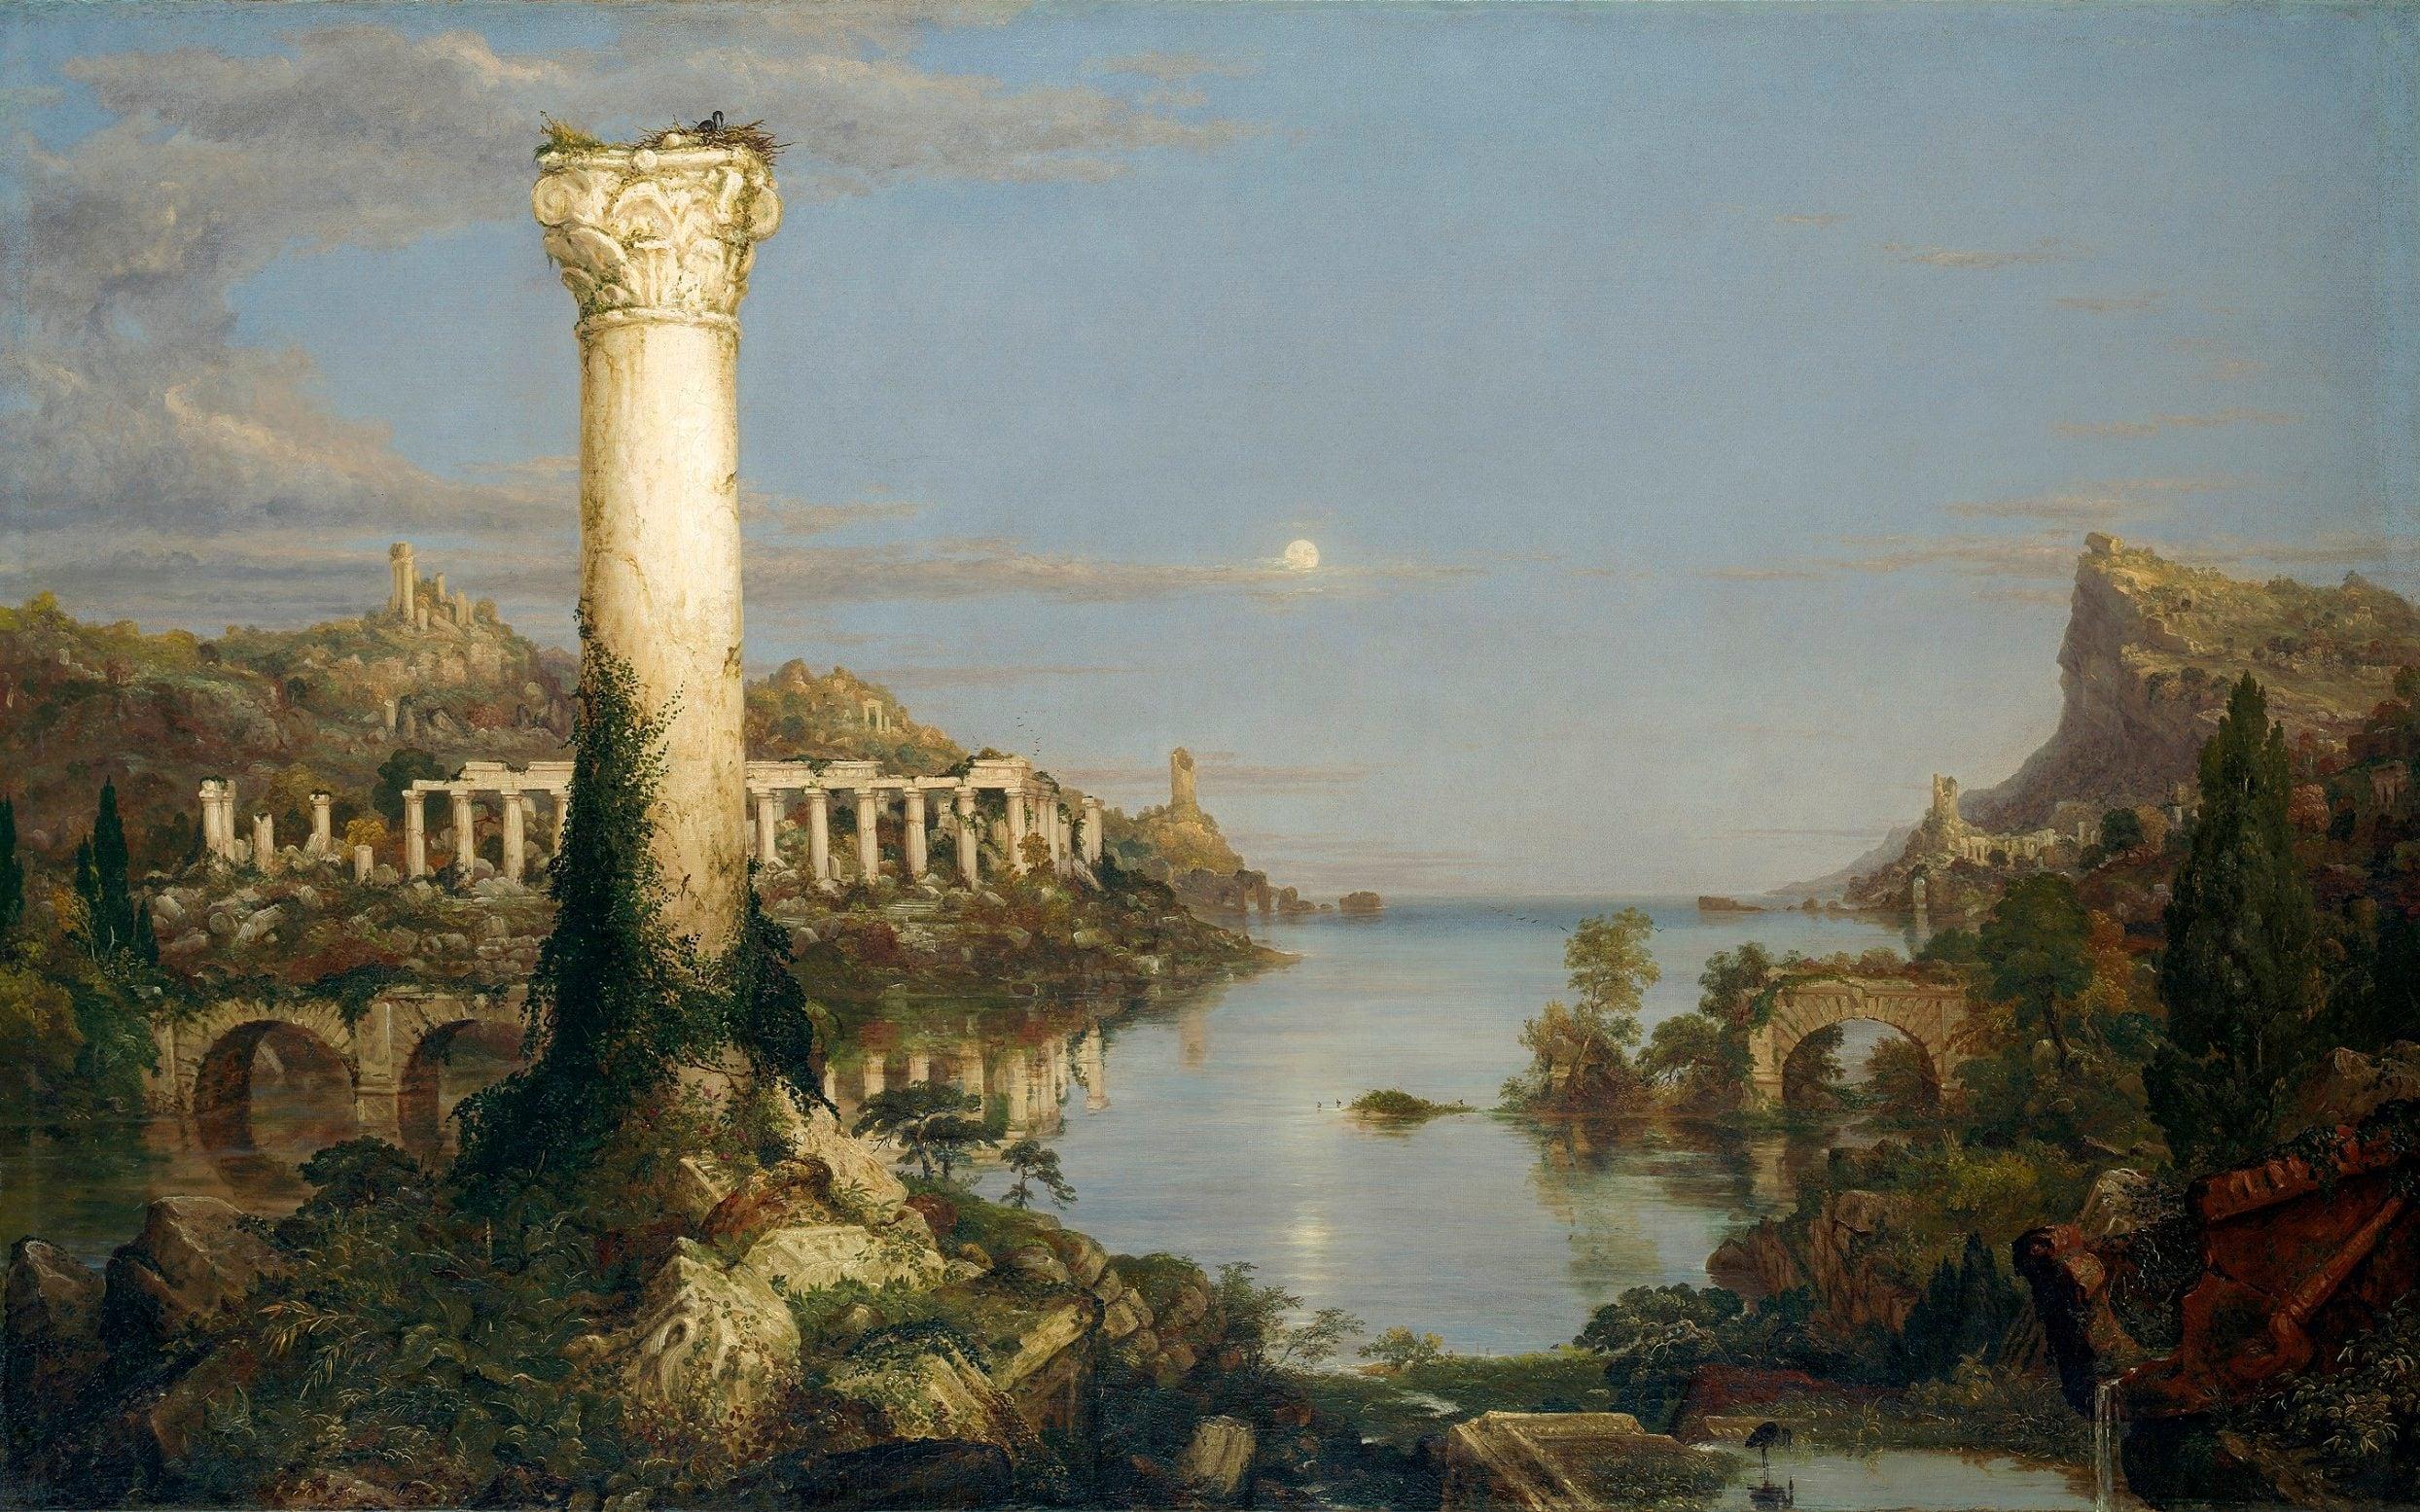 Thomas Cole: Eden to Empire exhibition